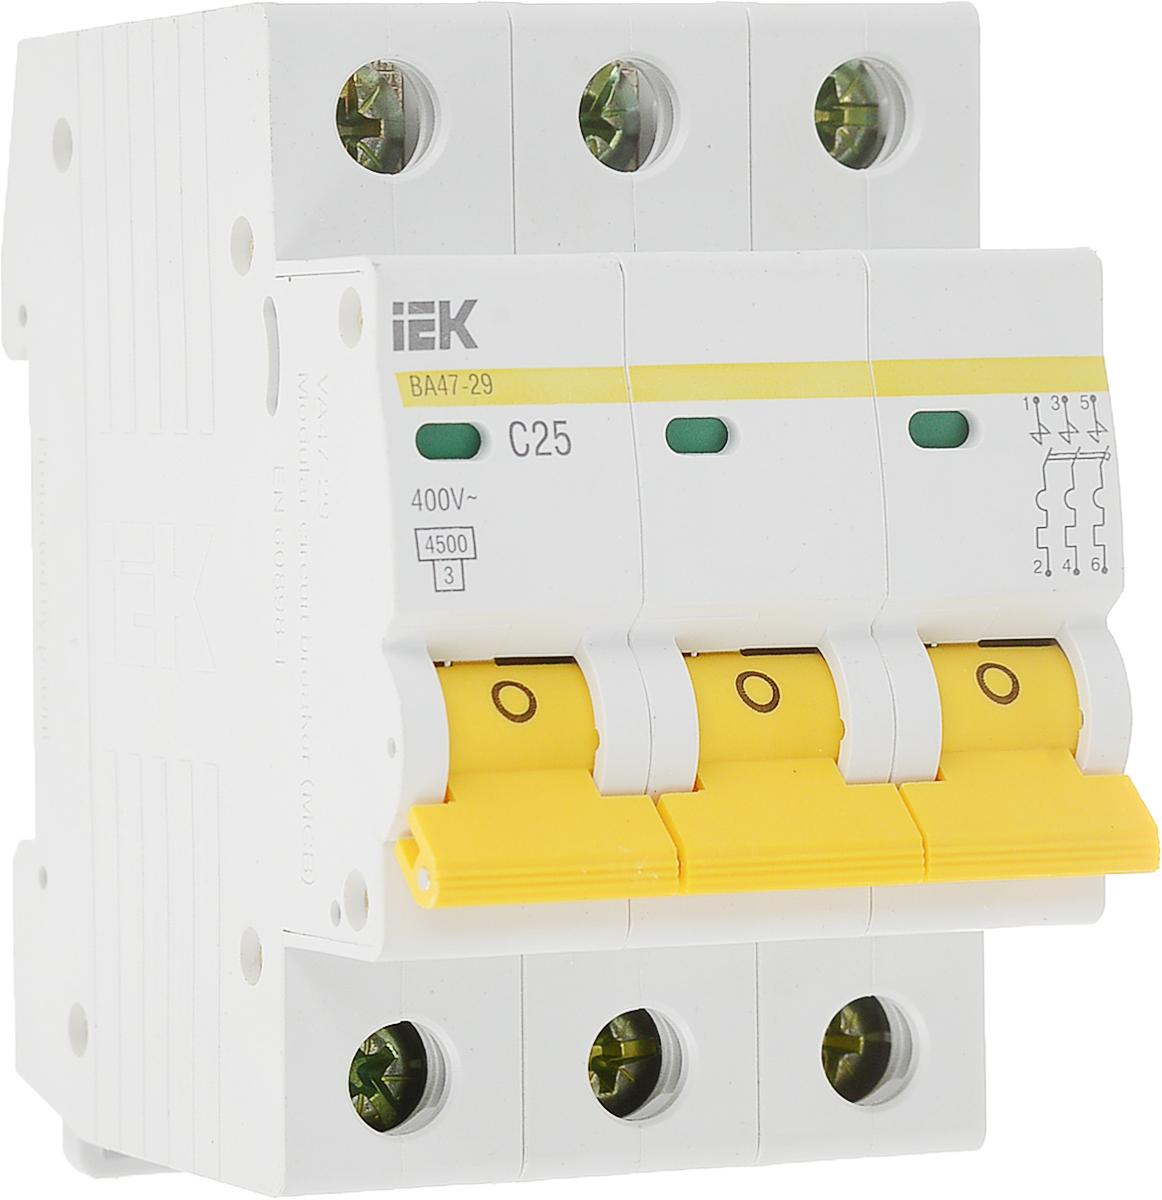 Выключатель автоматический IEK ВА 47-29, 3П C 25А 4500АMVA20-3-025-CАвтоматические выключатели ВА47-29 это механический коммутационный аппарат, способный включать, проводить и отключать токи при нормальном состоянии цепи, а также включать, проводить в течение заданного времени и автоматически отключать токи в указанном аномальном состоянии цепи, таких, как токи короткого замыкания. Автоматические выключатели предназначены для защиты распределительных и групповых цепей, имеющих различную нагрузку: - электроприборы, освещение - выключатели с характеристикой В, - двигатели с небольшими пусковыми токами (компрессор, вентилятор) - выключатели с характеристикой C; - двигатели с большими пусковыми токами (подъемные механизмы, насосы) - выключатели с характеристикой D. Автоматические выключатели ВА47-29 рекомендуются к применению в вводно-распределительных устройствах для жилых и общественных зданий. 200 типоисполнений на 18 номинальных токов от 0,5 до 63 А. Преимущества: Два типа защиты от перегрузки и короткого замыкания. Полный комплект дополнительных устройств с возможностью простой самостоятельной установки: - контакт состояния КС47; - контакт состояния КСВ47; - расцепитель минимального напряжения РММ47; - расцепитель независимый РН47. Усовершенствованная дугогасительная система: увеличенный срок службы, повышенная устойчивость к токам короткого замыкания. Возможность одновременного присоединения шиной FORK и гибким проводником для распределения питания цепи через верхние зажимы, а также возможность соединения шиной PIN. Наличие индикатора полож...